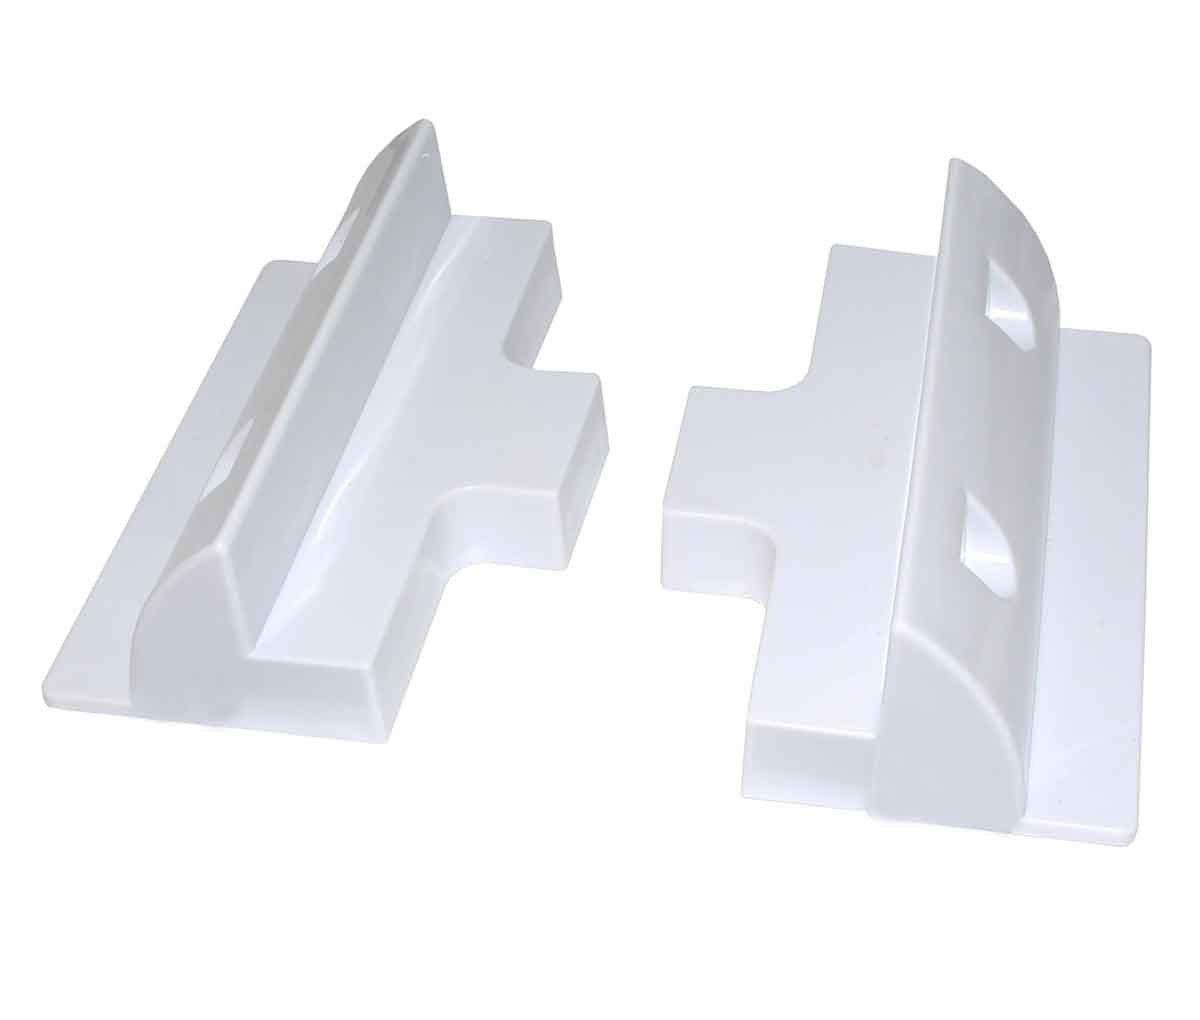 Juego de 6 piezas de soporte de montaje de panel solar blanco rectangular para caravanas, autocaravanas, barcos y cualquier superficie plana: Amazon.es: ...